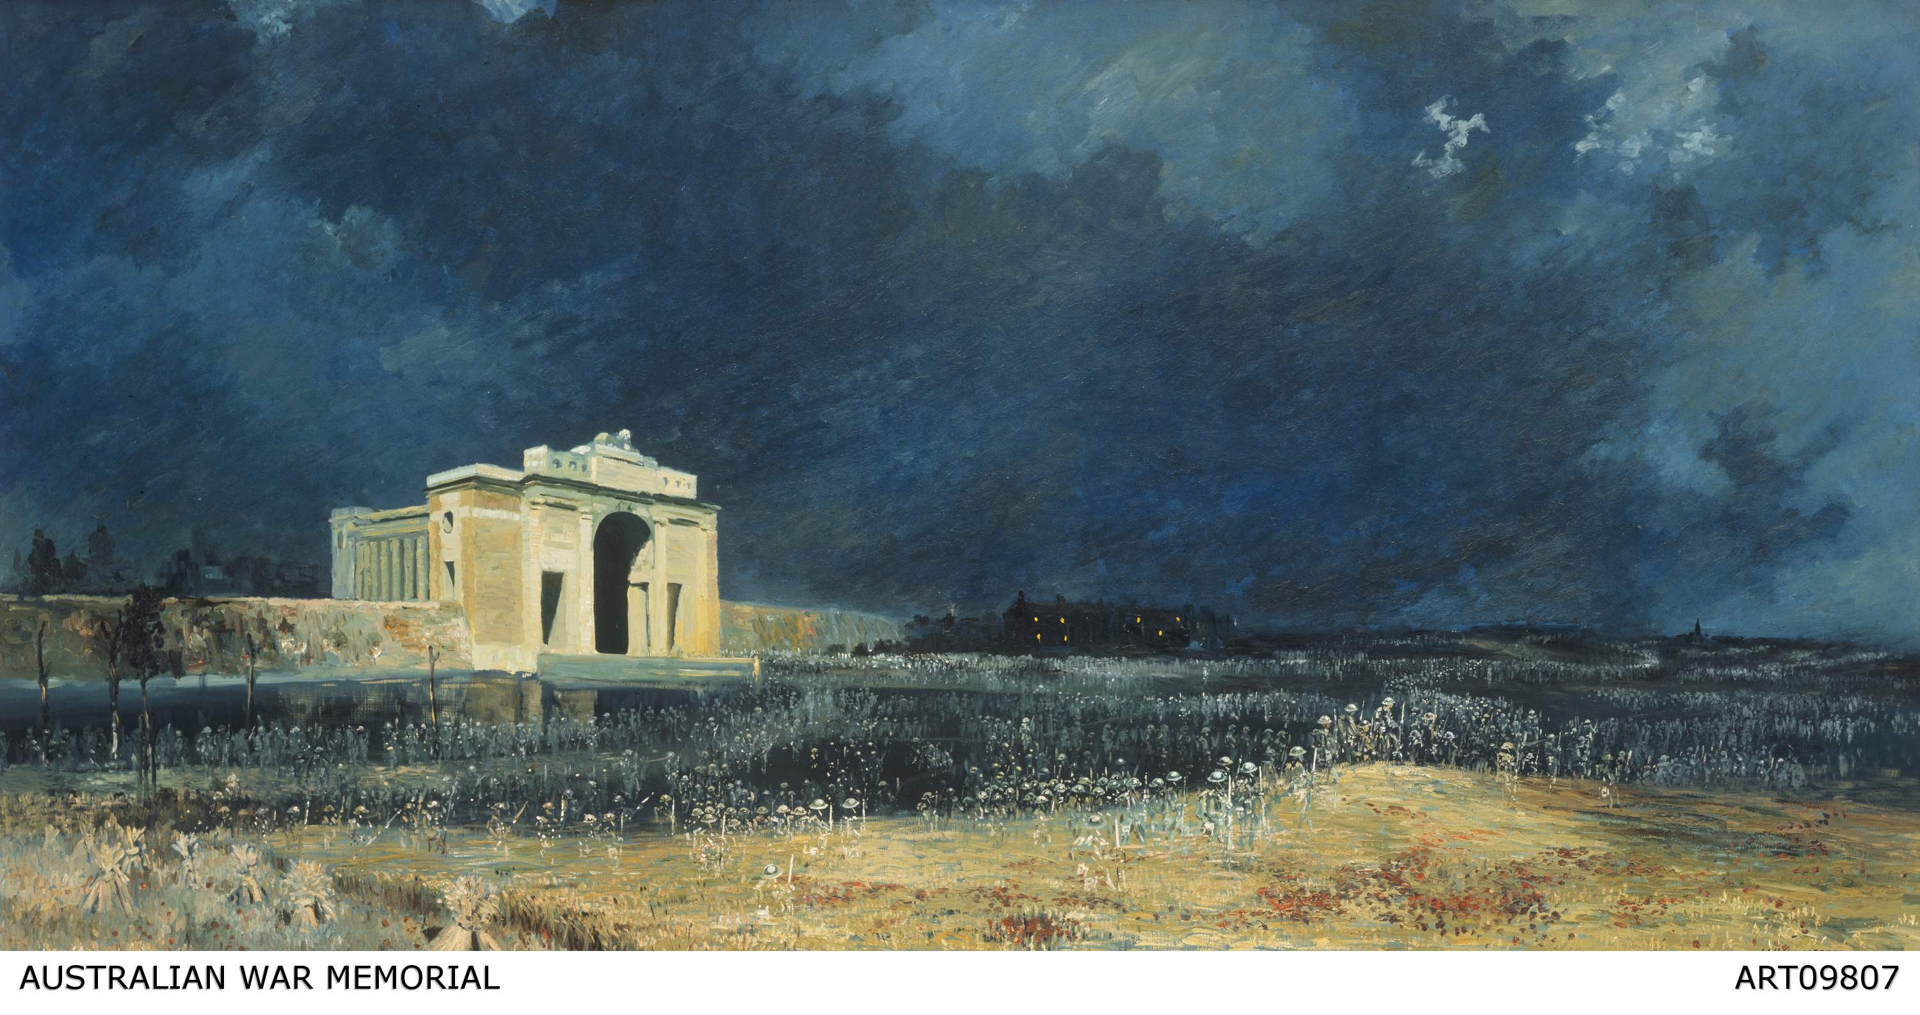 Will Longstaff, 'Menin Gate at midnight', oil on canvas (1927). ART09807/Courtesy of the Australian War Memorial